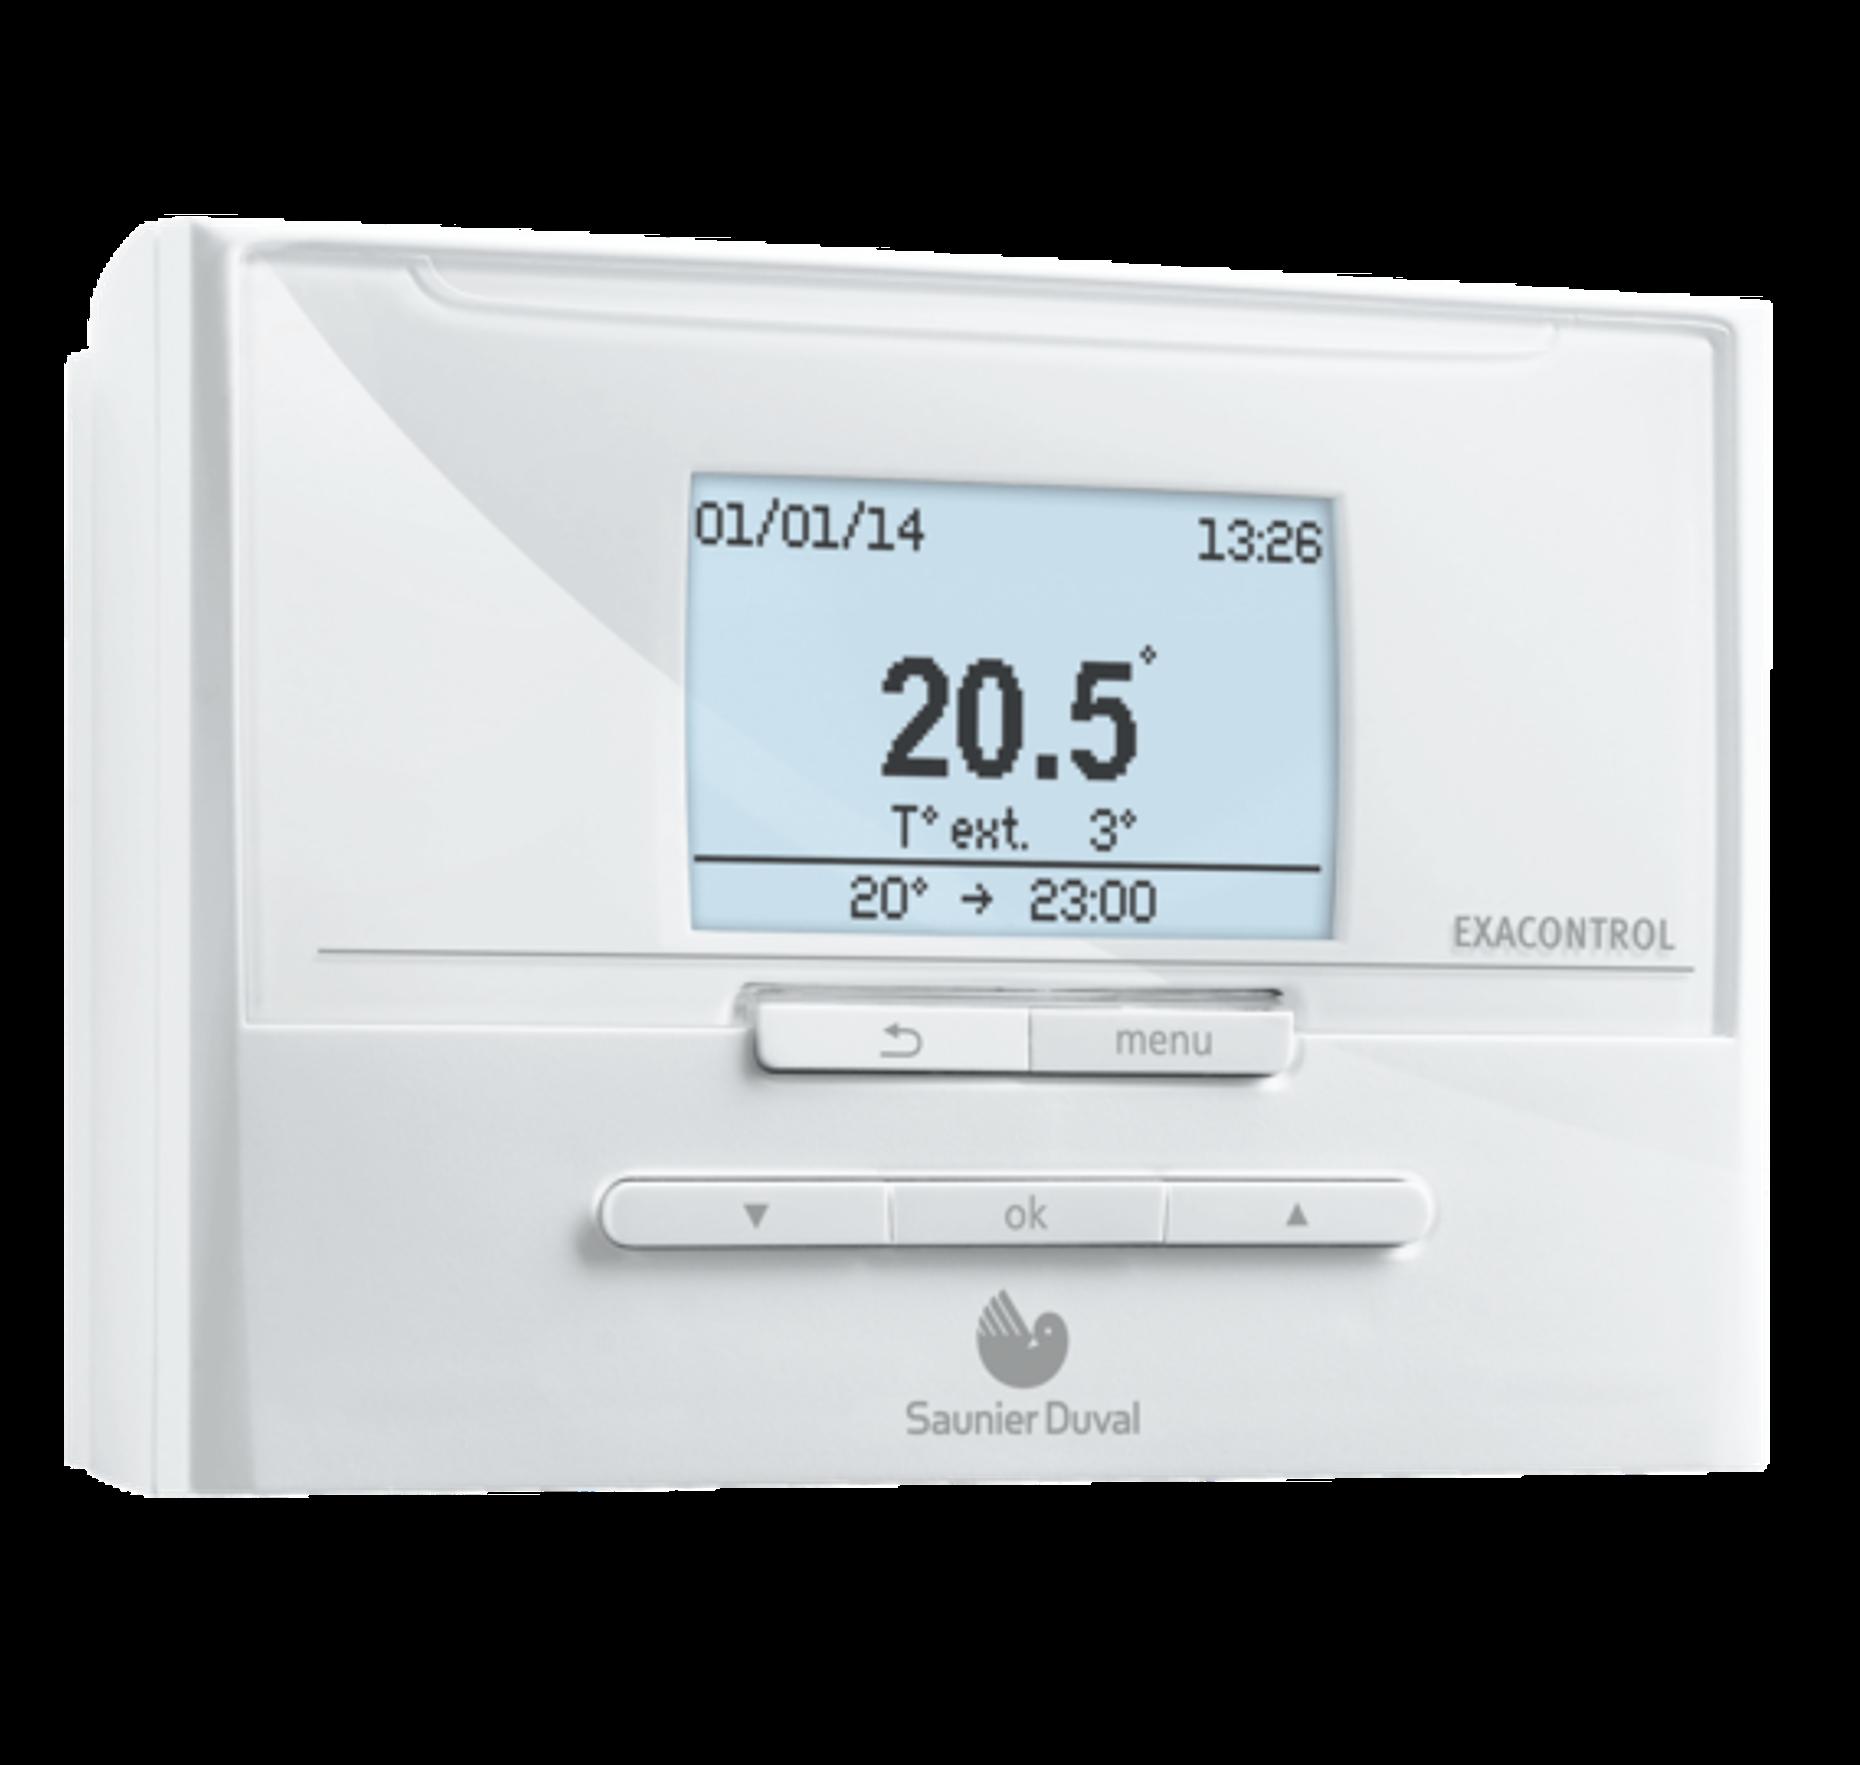 Exacontrol e7 c solutions regulation thermostats pros saunier duval des - Thermostat saunier duval ...